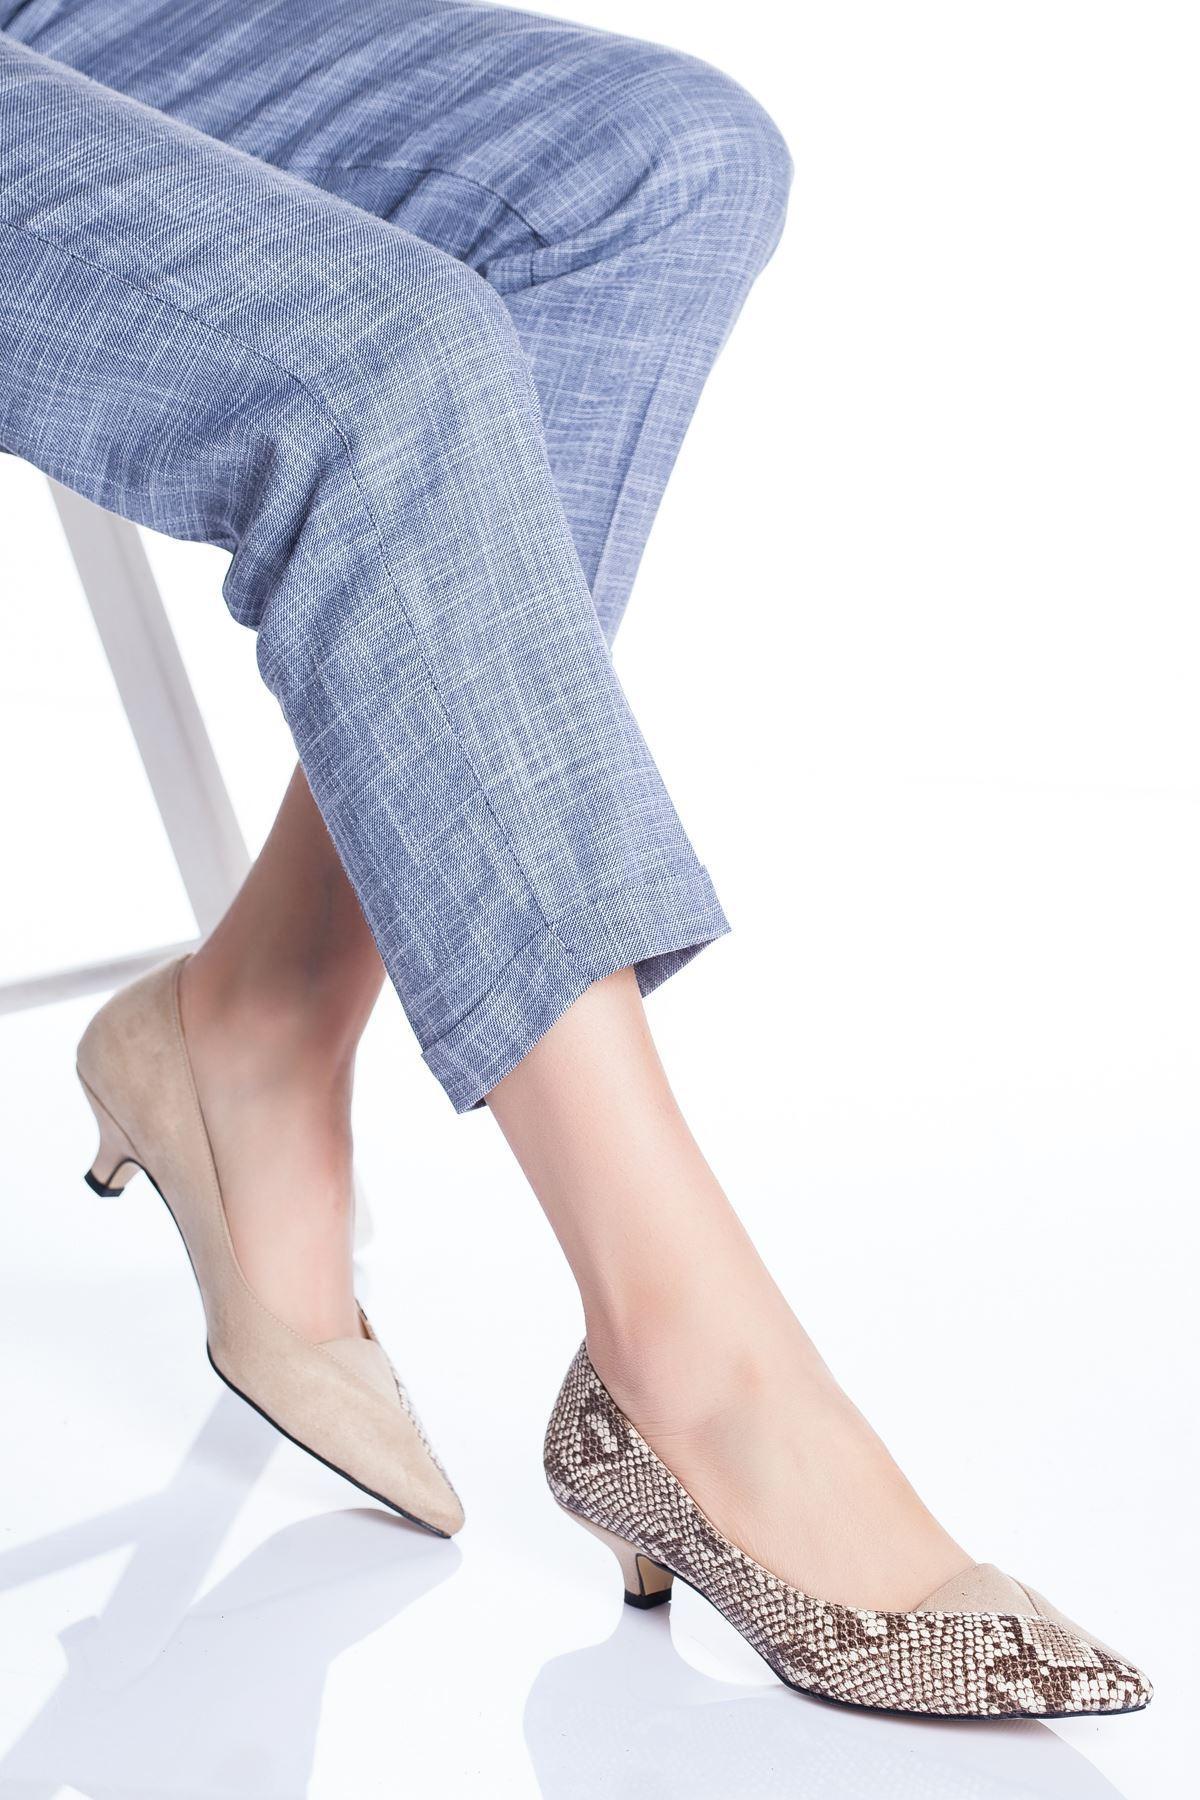 Limsi Kısa Topuklu Sivri Burun Ayakkabı Ten-Yılan